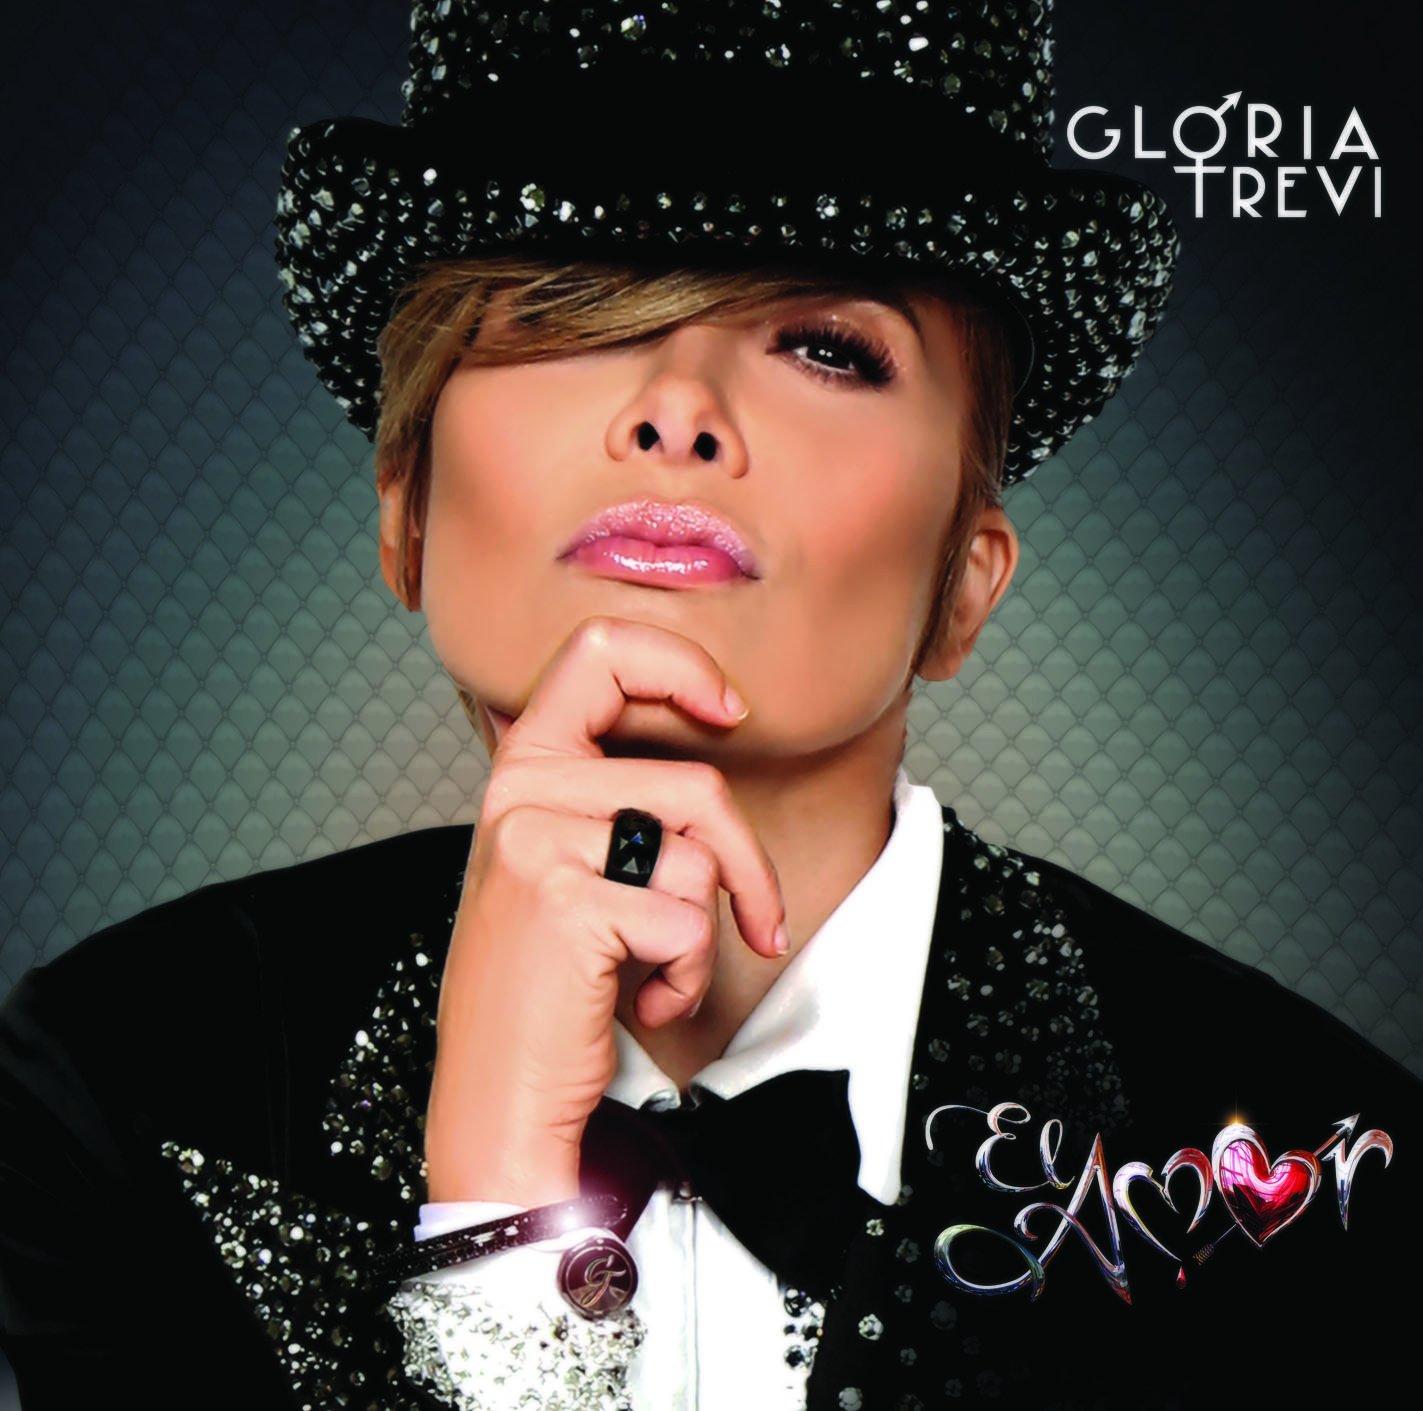 El Amor   Trevi, Gloria Amazon.de Musik CDs & Vinyl